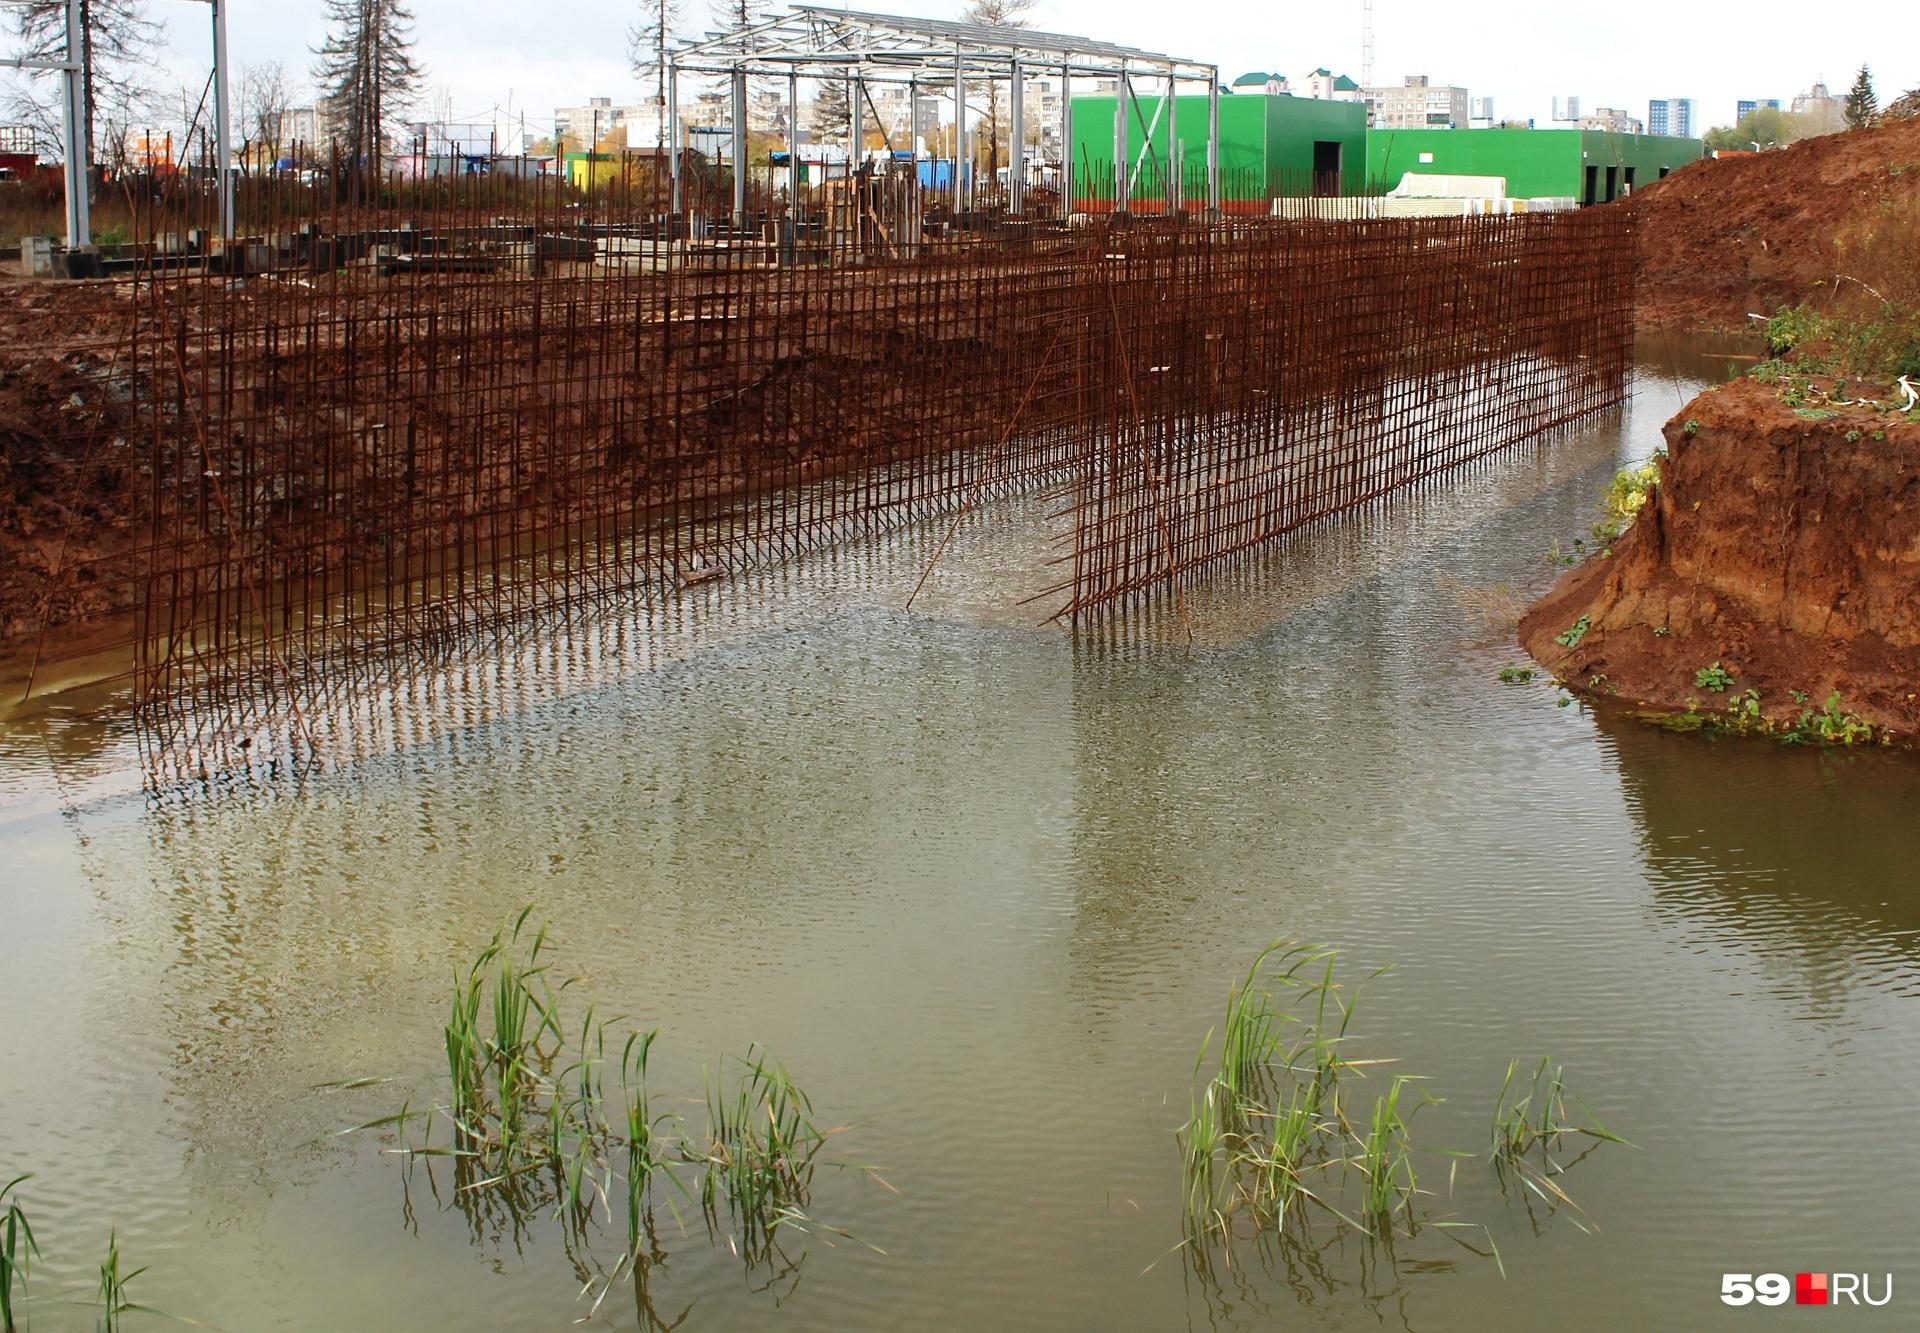 Позже мы спросим, не опасно ли оставлять такие озера на объекте на зиму